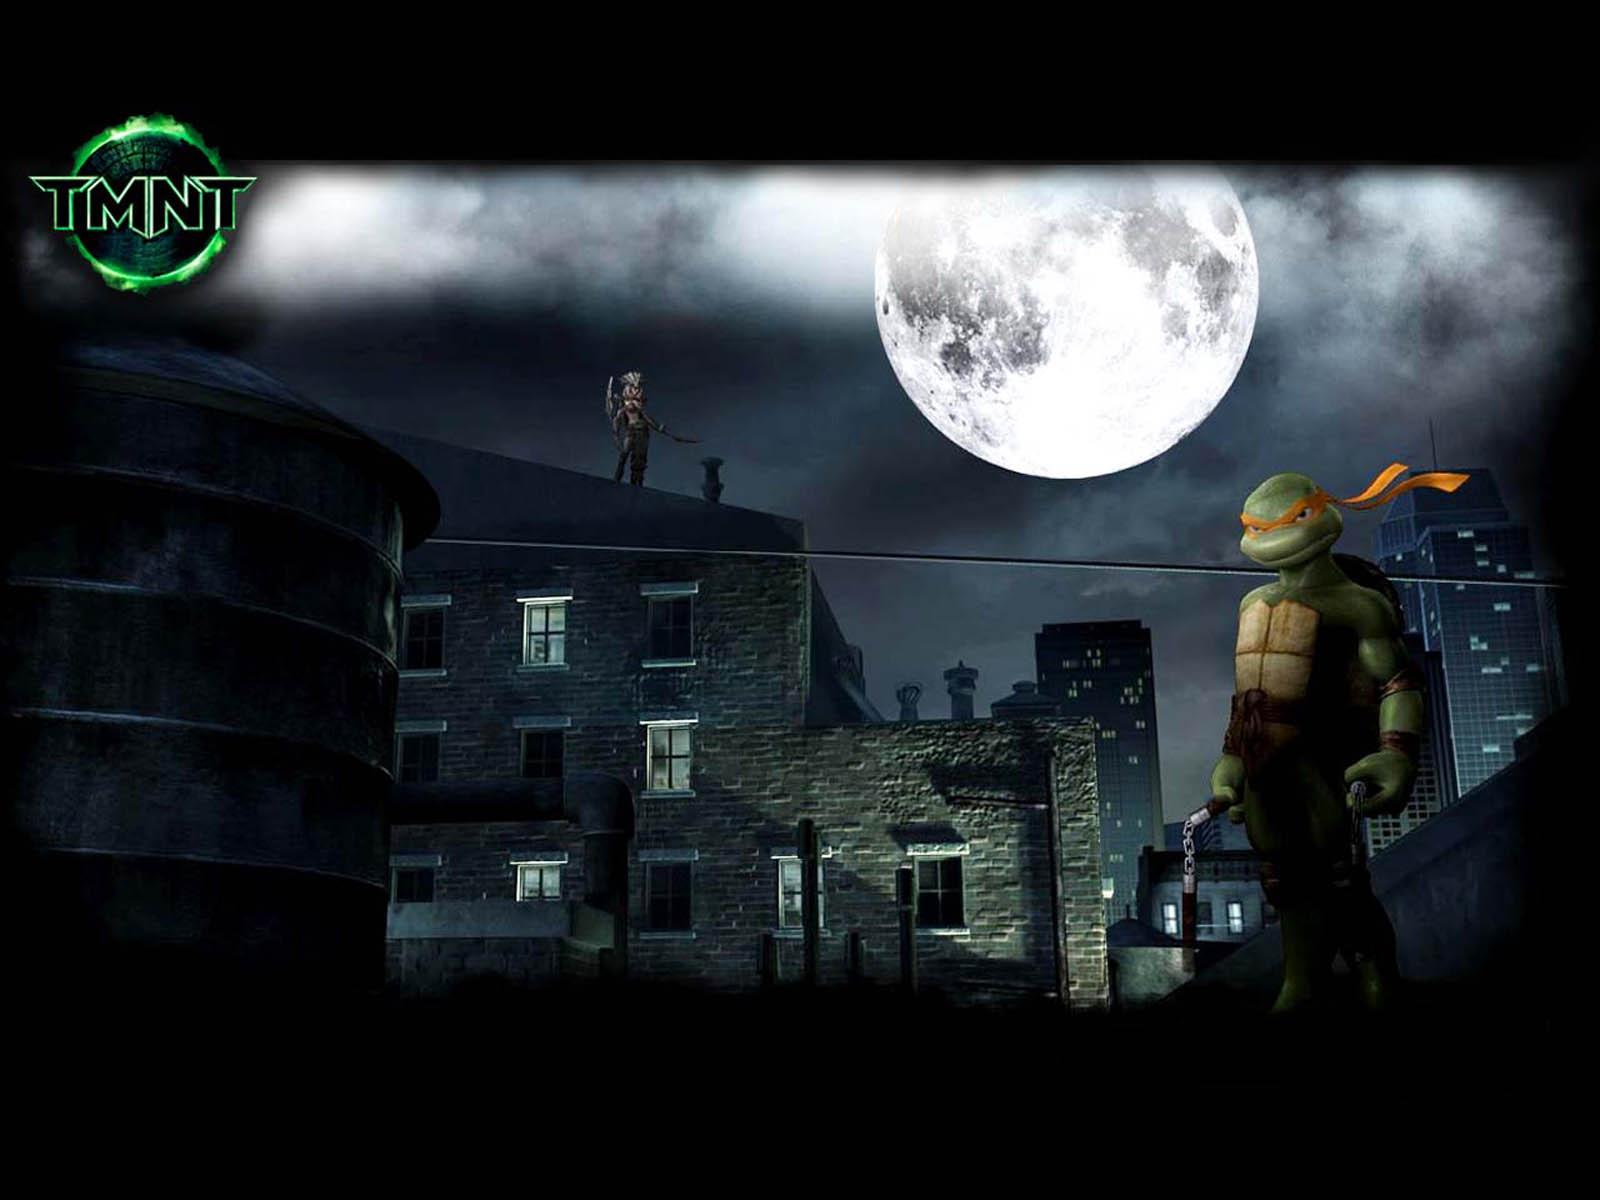 http://3.bp.blogspot.com/-O3JgAf4uZBQ/T8cVy35gzHI/AAAAAAAADT0/Pew-XMmwx3A/s1600/Teenage+Mutant+Ninja+Turtles+(TMNT)+2.jpg